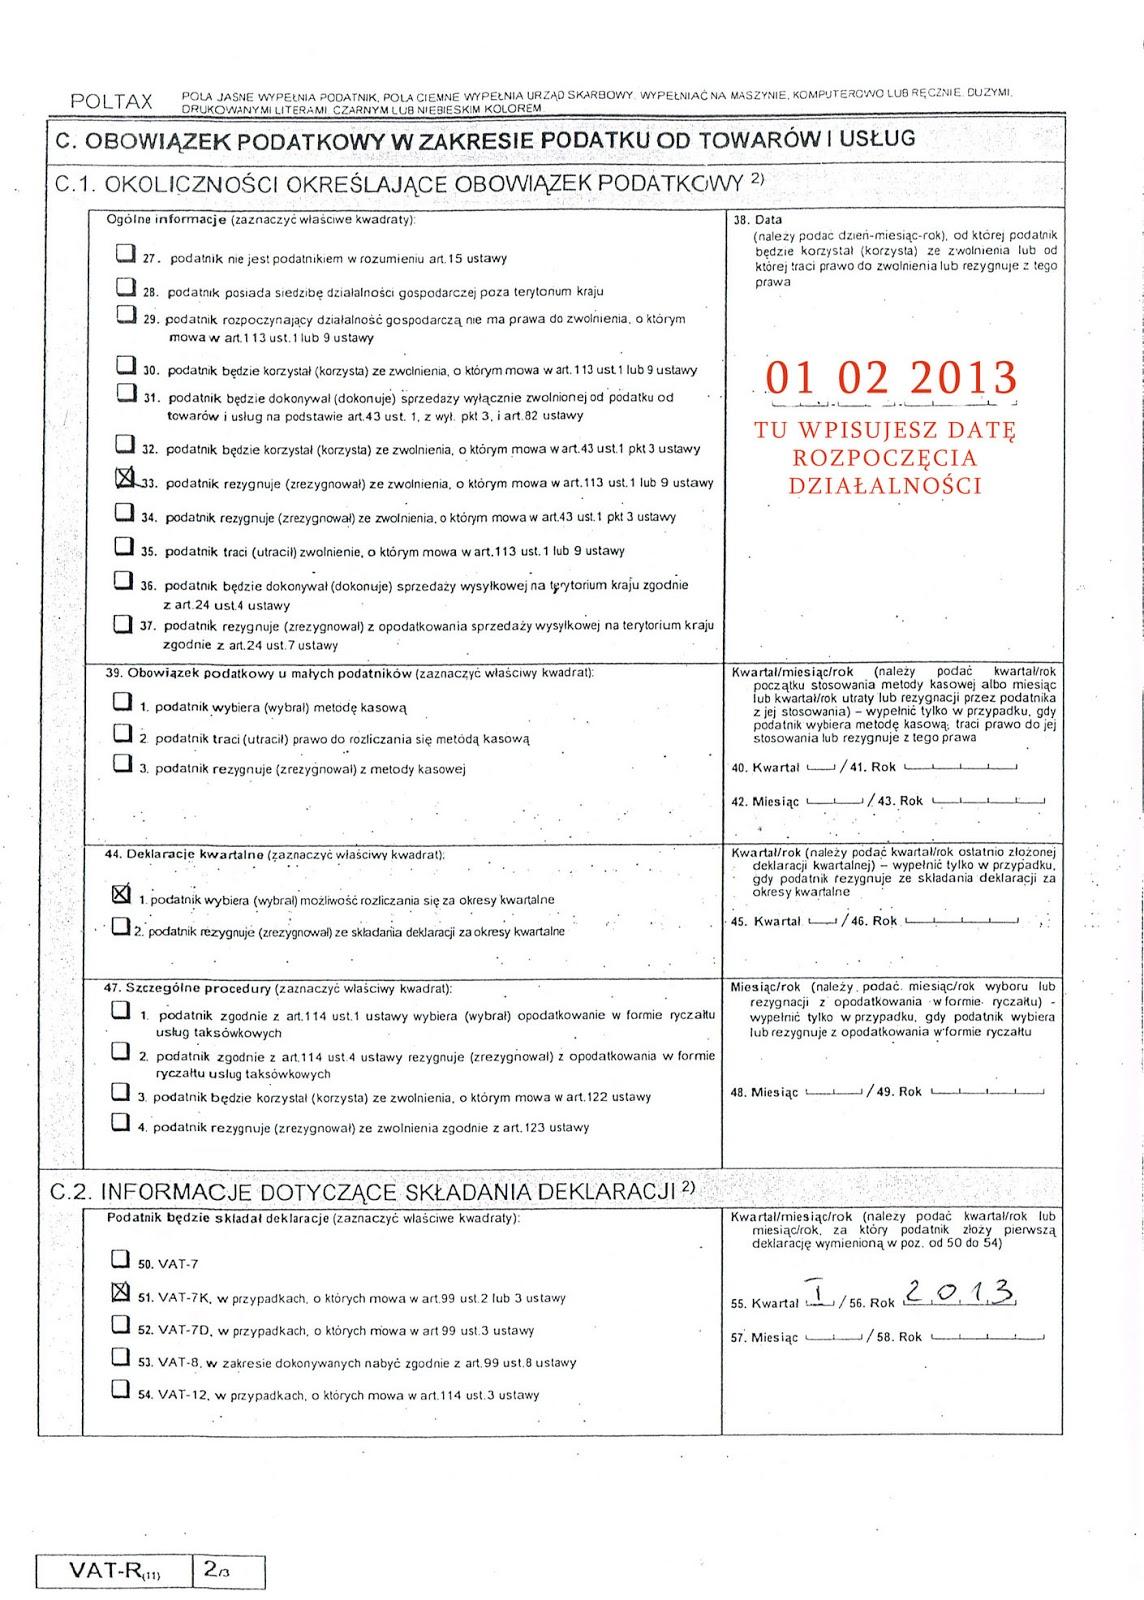 Wniosek VAT-R